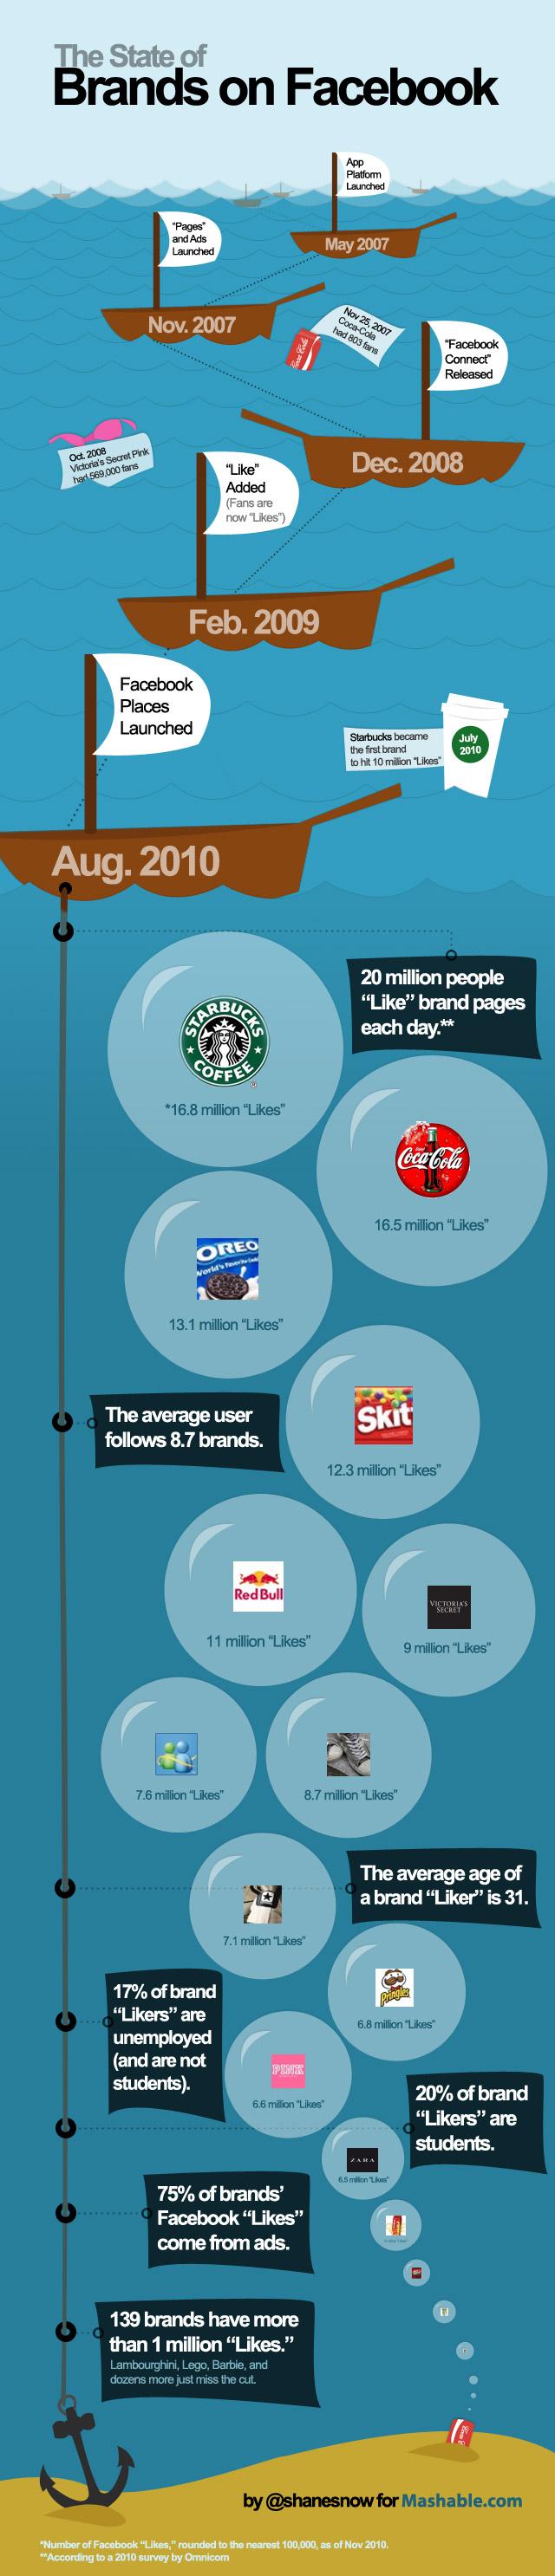 Qui sont les plus grosses marques sur Facebook?